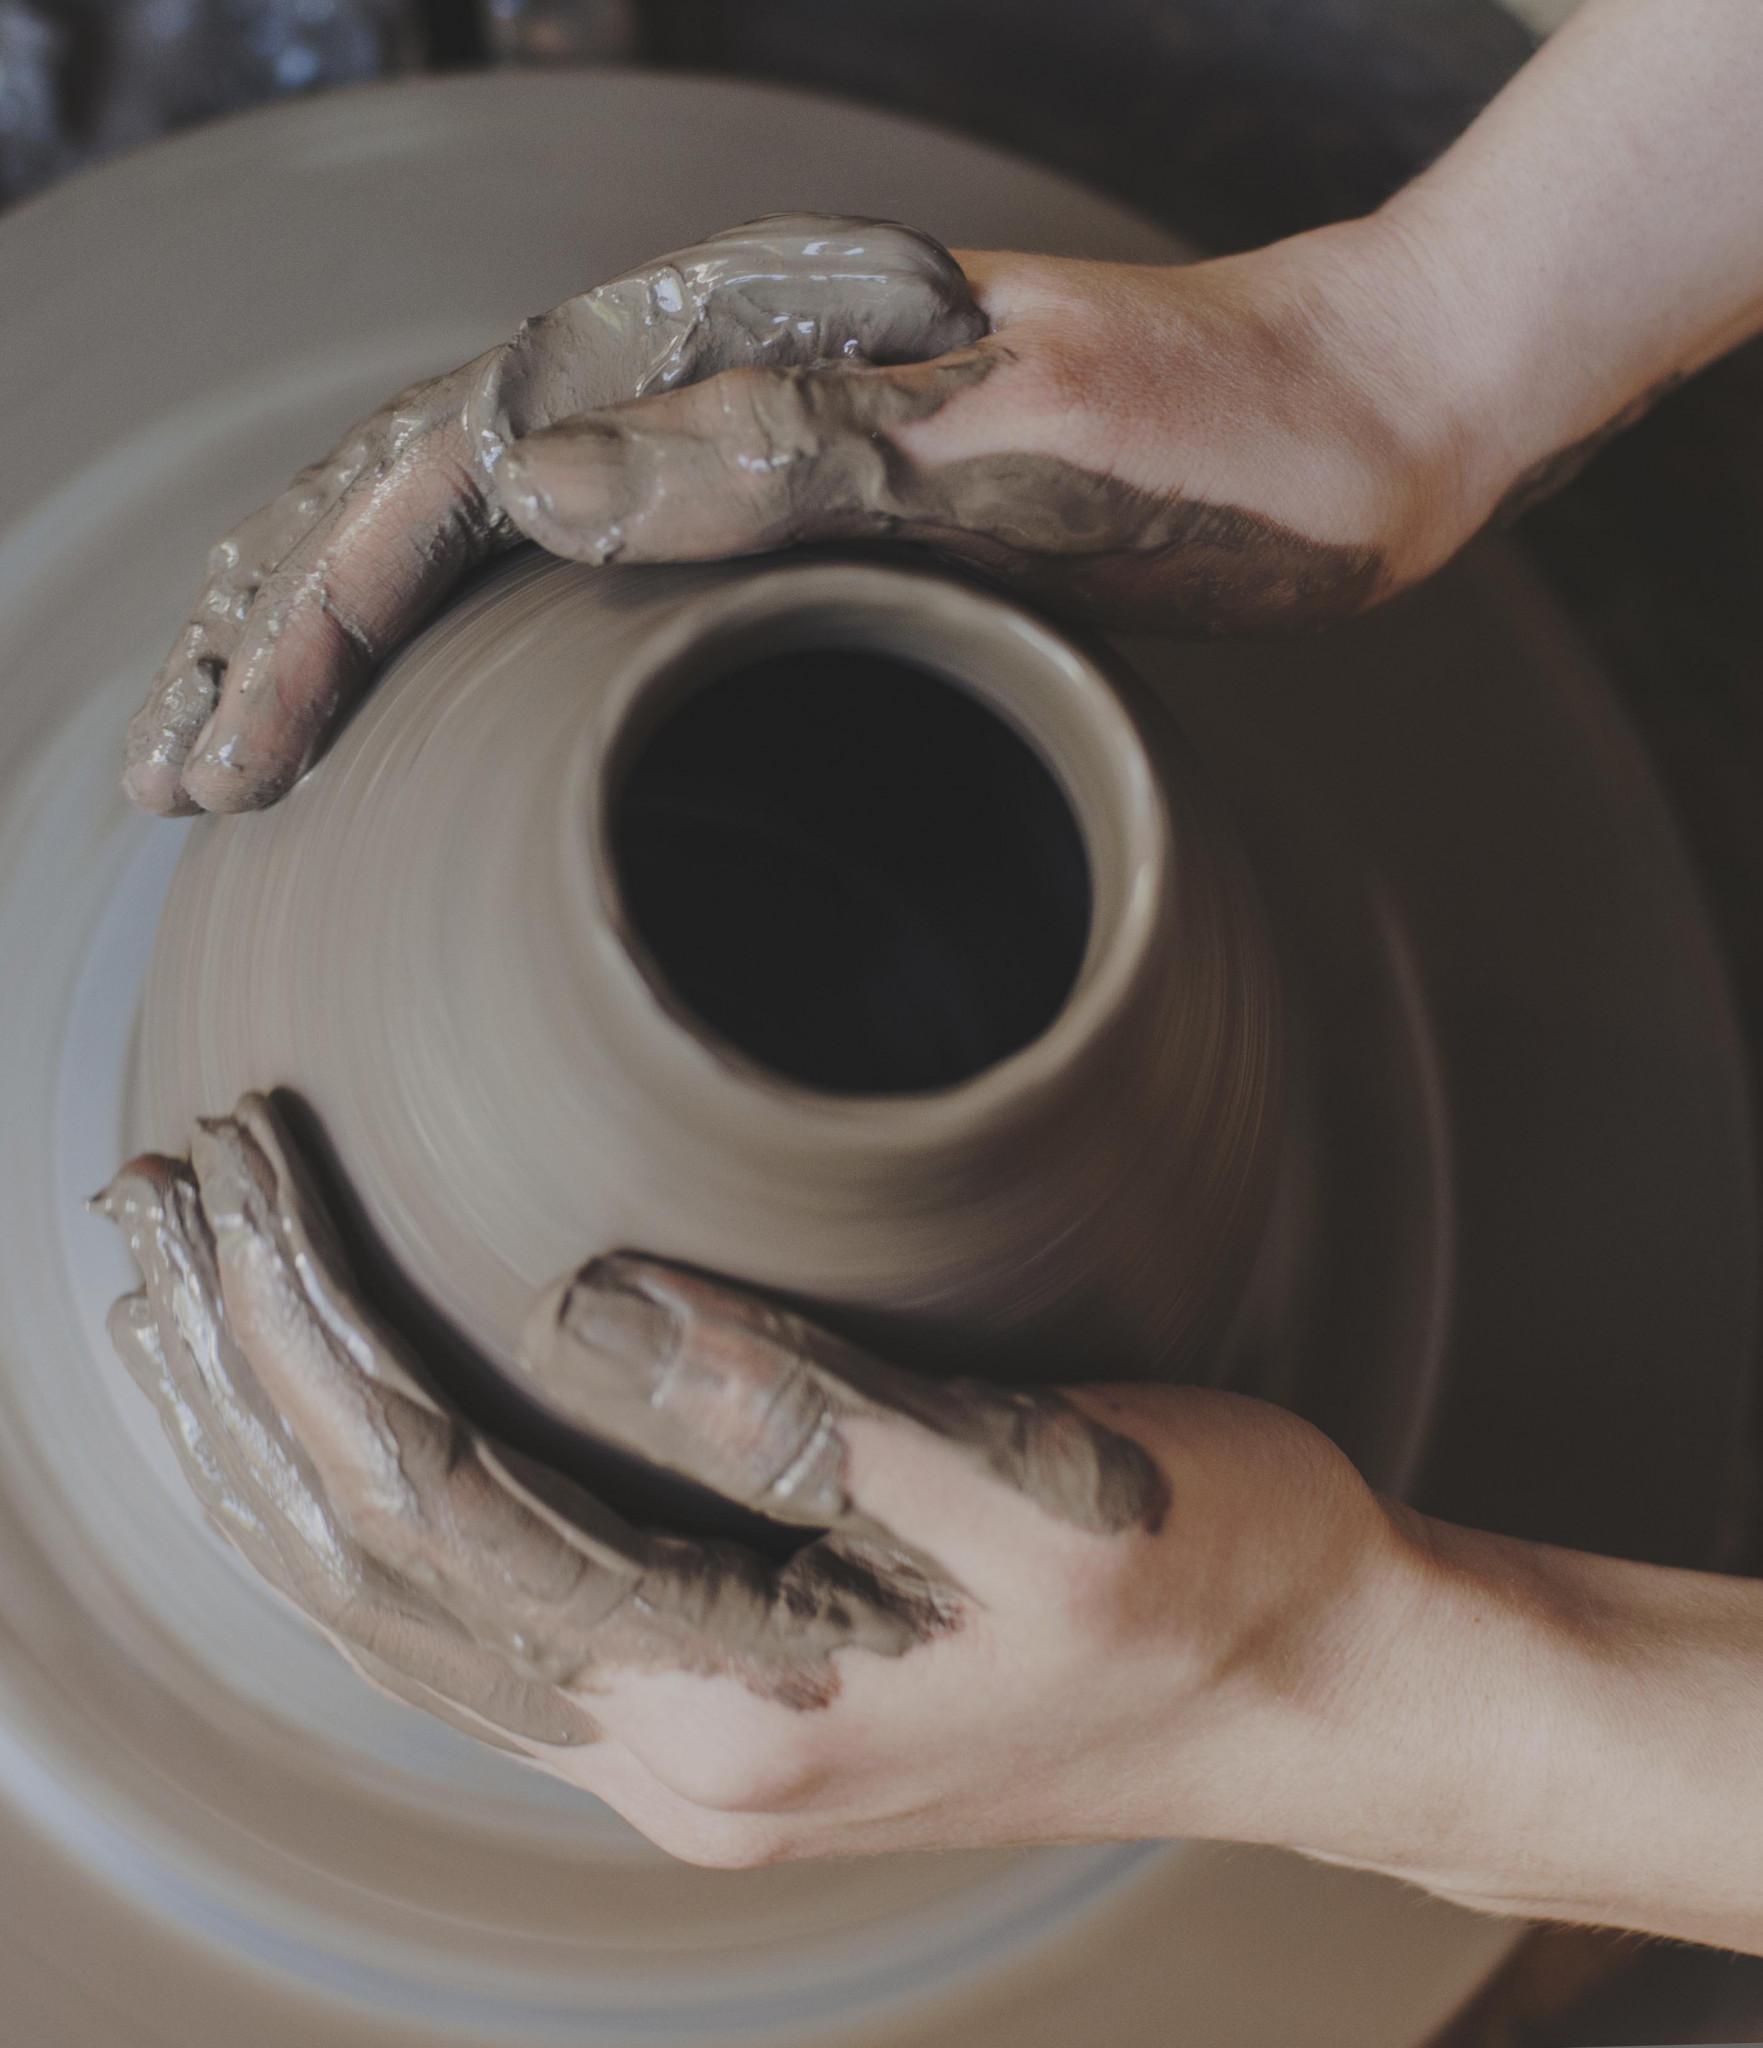 Händer som drejar en kruka